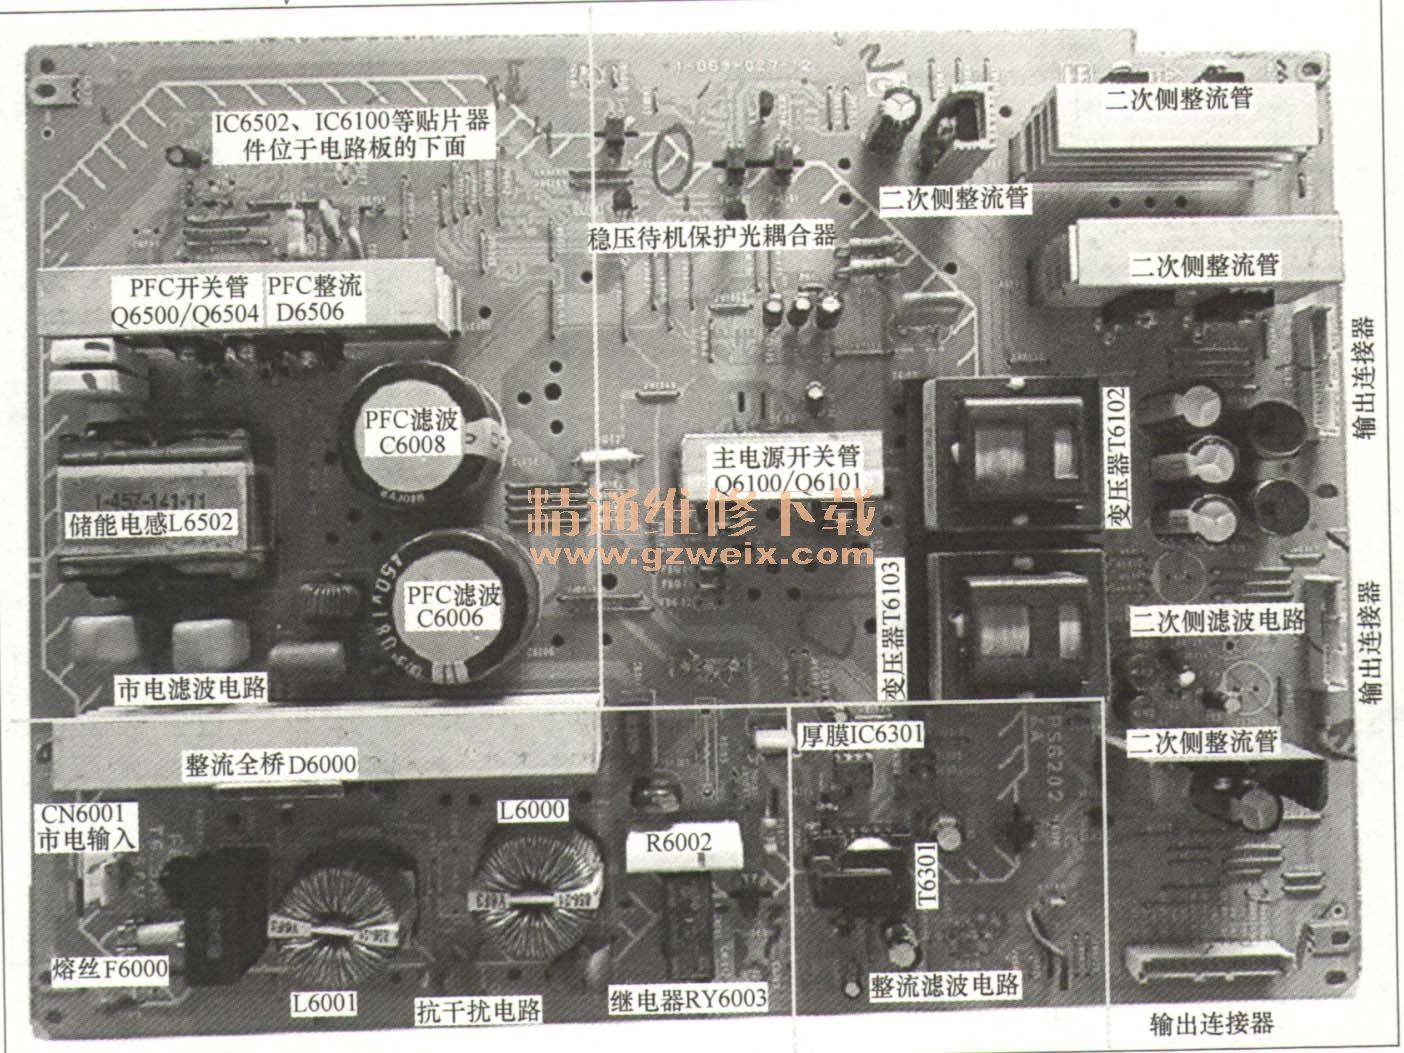 5v开关电源电路图_索尼KLV-46V200 A液晶彩电电源板维修详解 - 精通维修下载